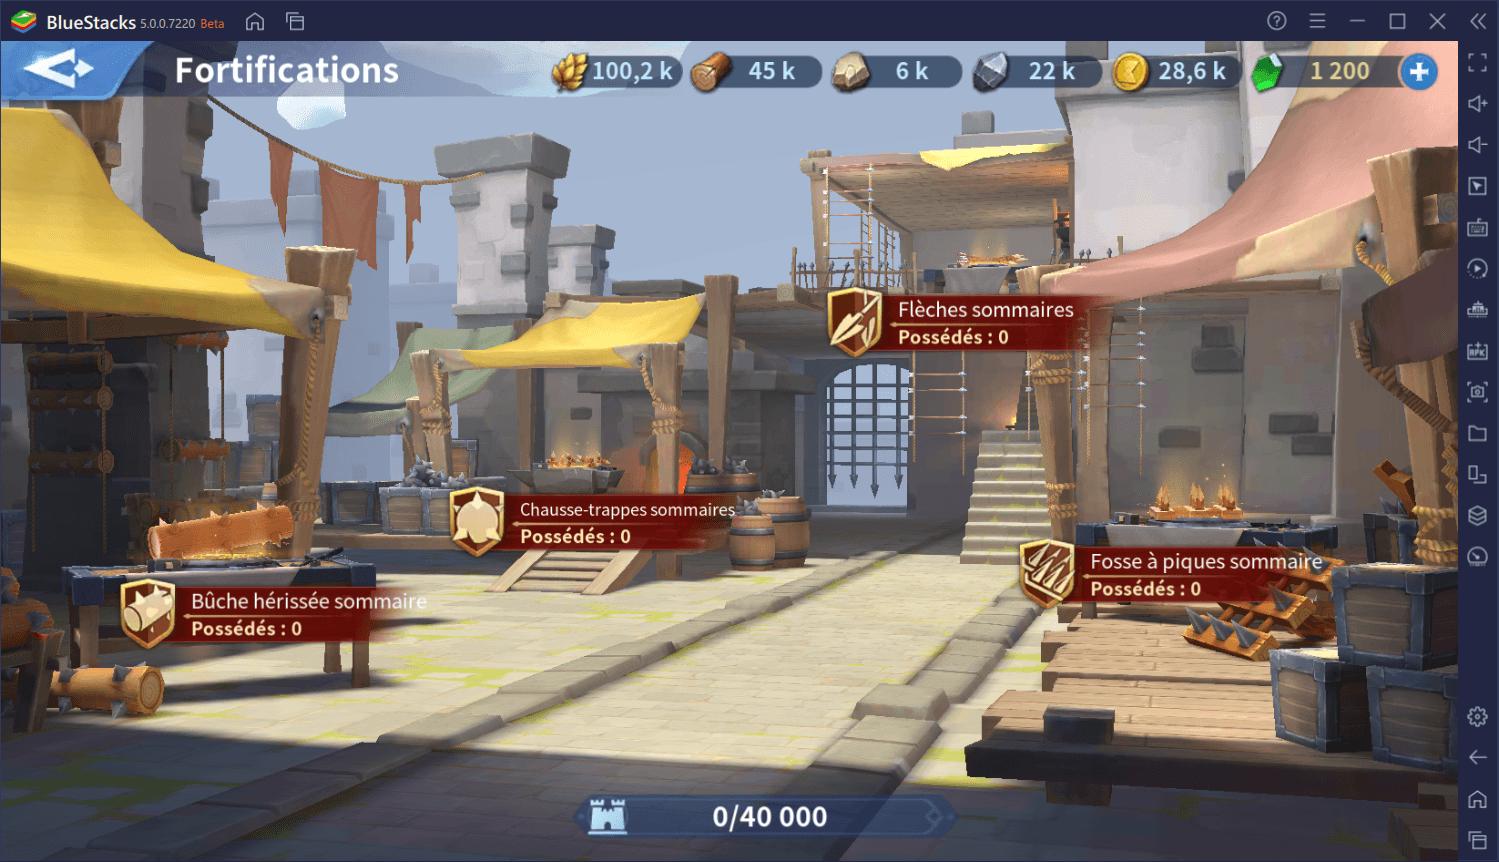 Lever une armée surpuissante dans Infinity Kingdom sur PC